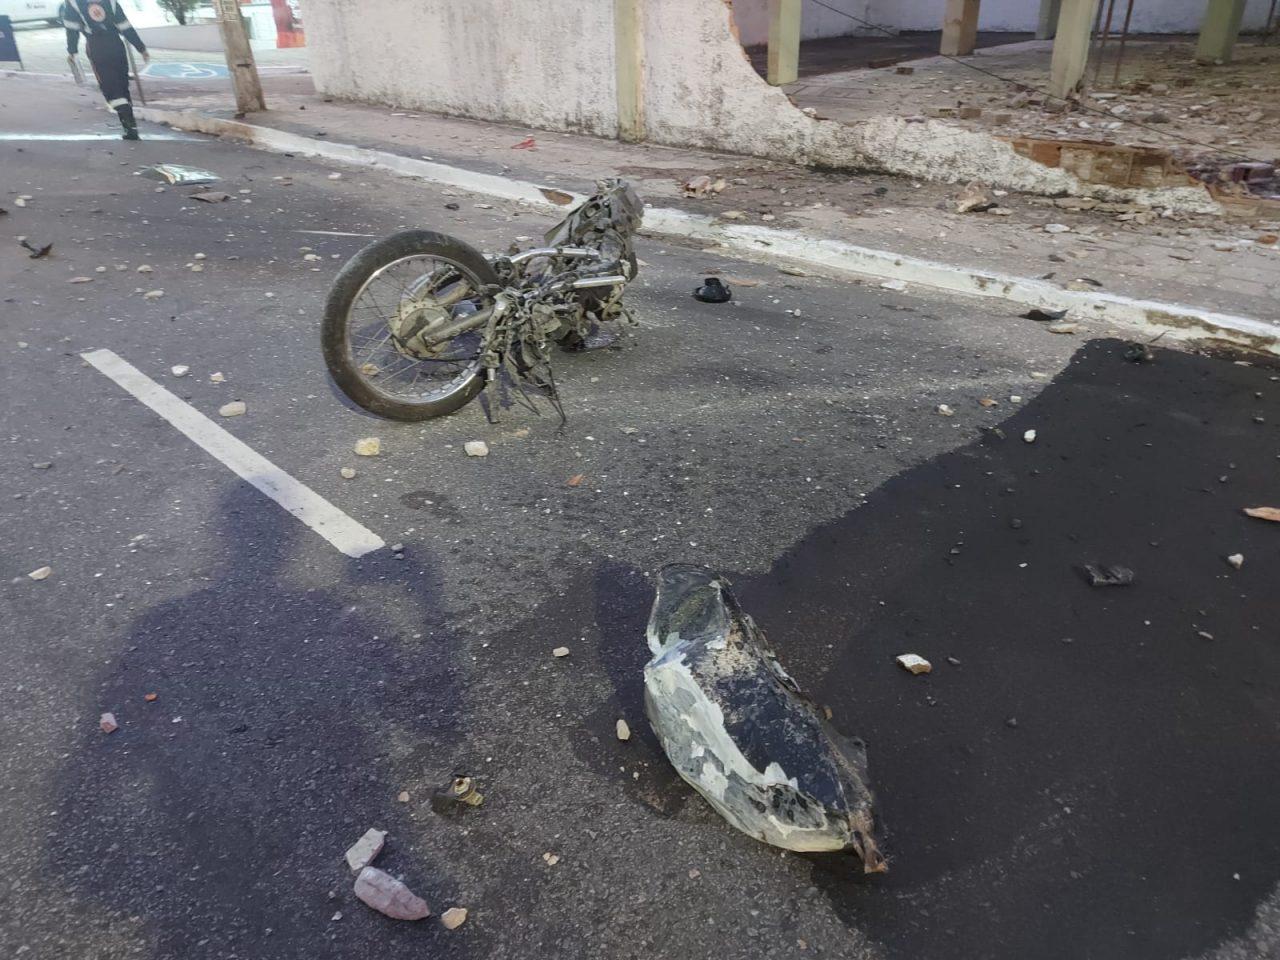 """WhatsApp Image 2021 09 11 at 08.17.17 1 scaled - TRAGÉDIA! Motoboy morre em acidente envolvendo carro em João Pessoa, e amigos acusam motorista: """"Estava embriagado"""" - VEJA VÍDEO"""